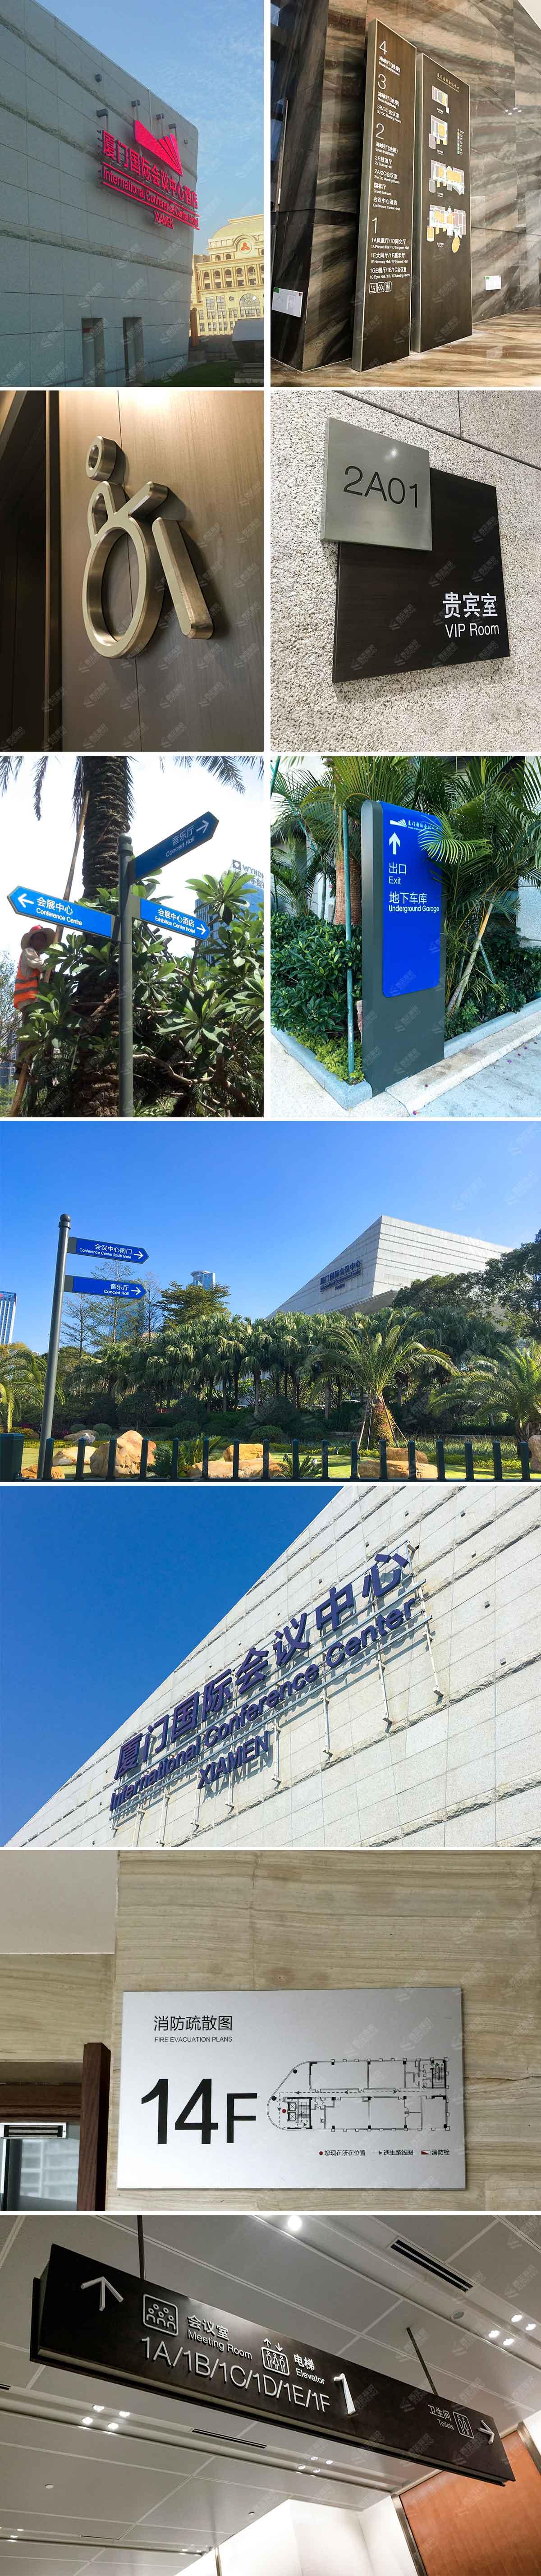 厦门国际会议中心标识导视系统